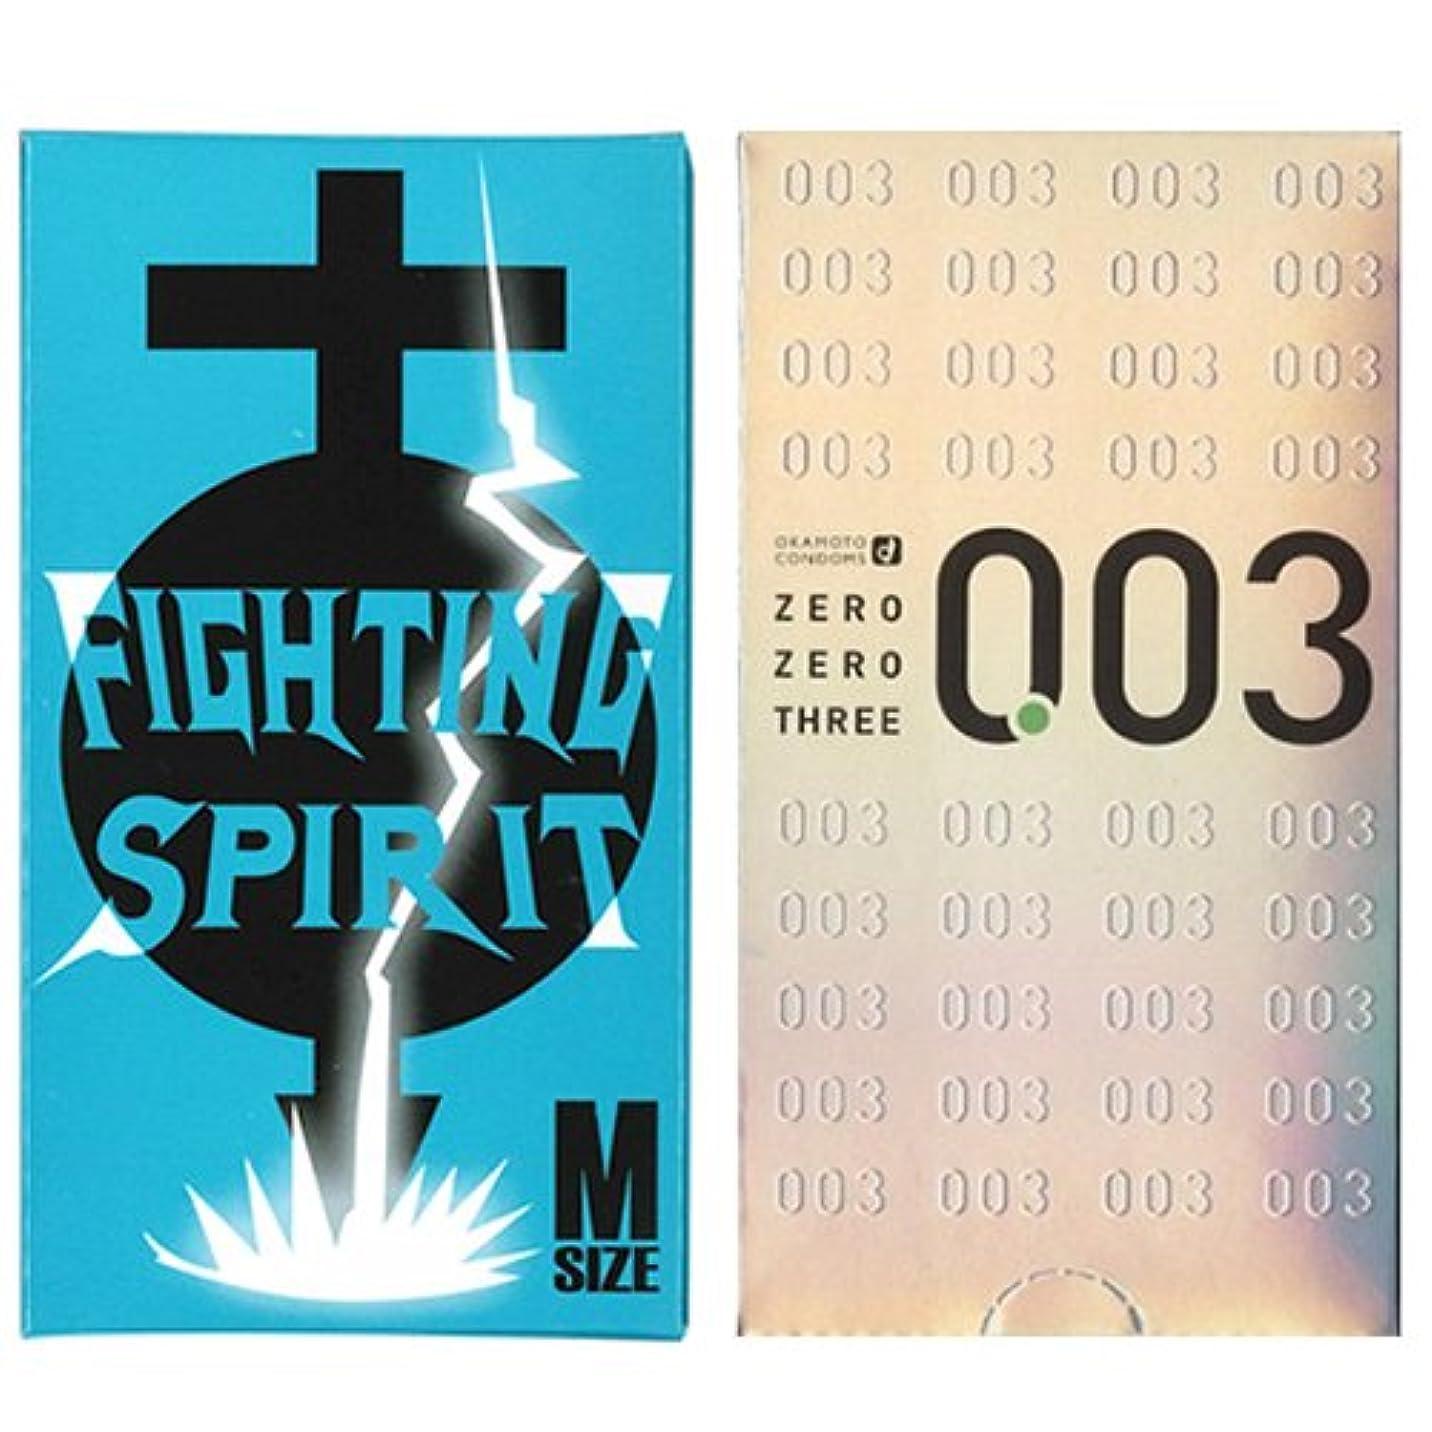 小さい部みオカモト ゼロゼロスリー 12個入 + FIGHTING SPIRIT (ファイティングスピリット) コンドーム Mサイズ 12個入